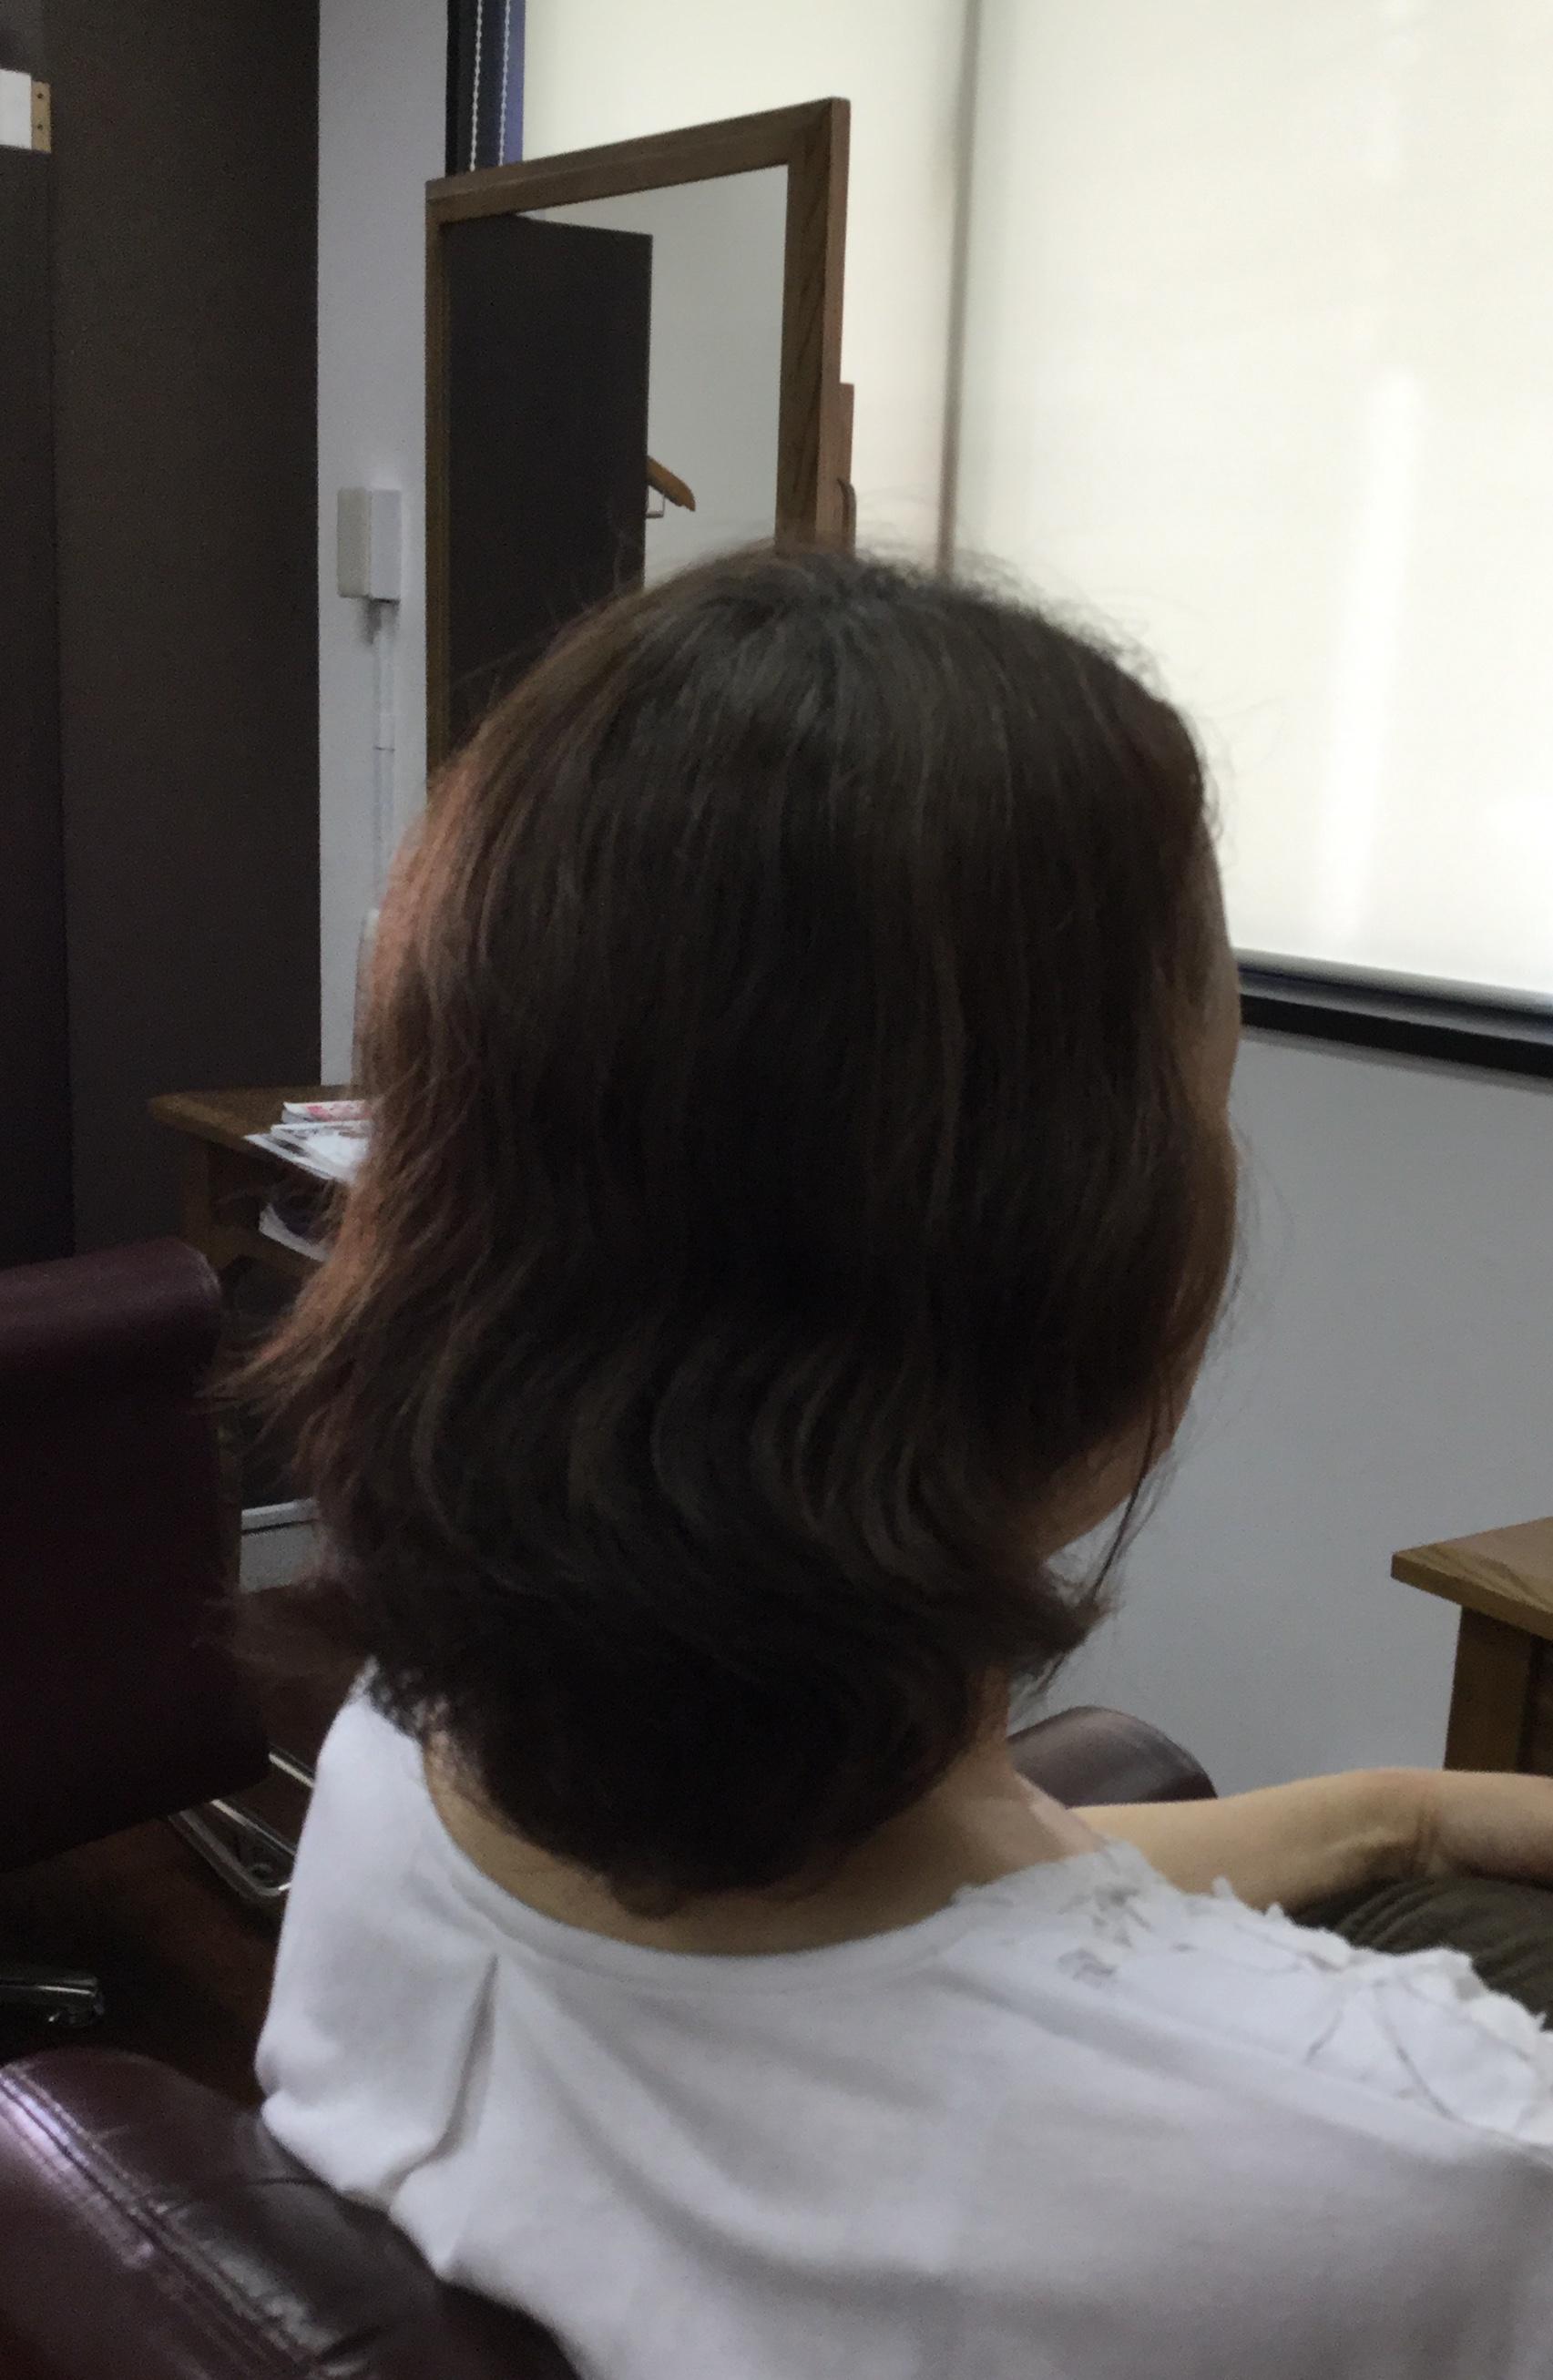 縮毛矯正をやめくせ毛の大人ボブの得意なくせ毛専門美容室アバディ